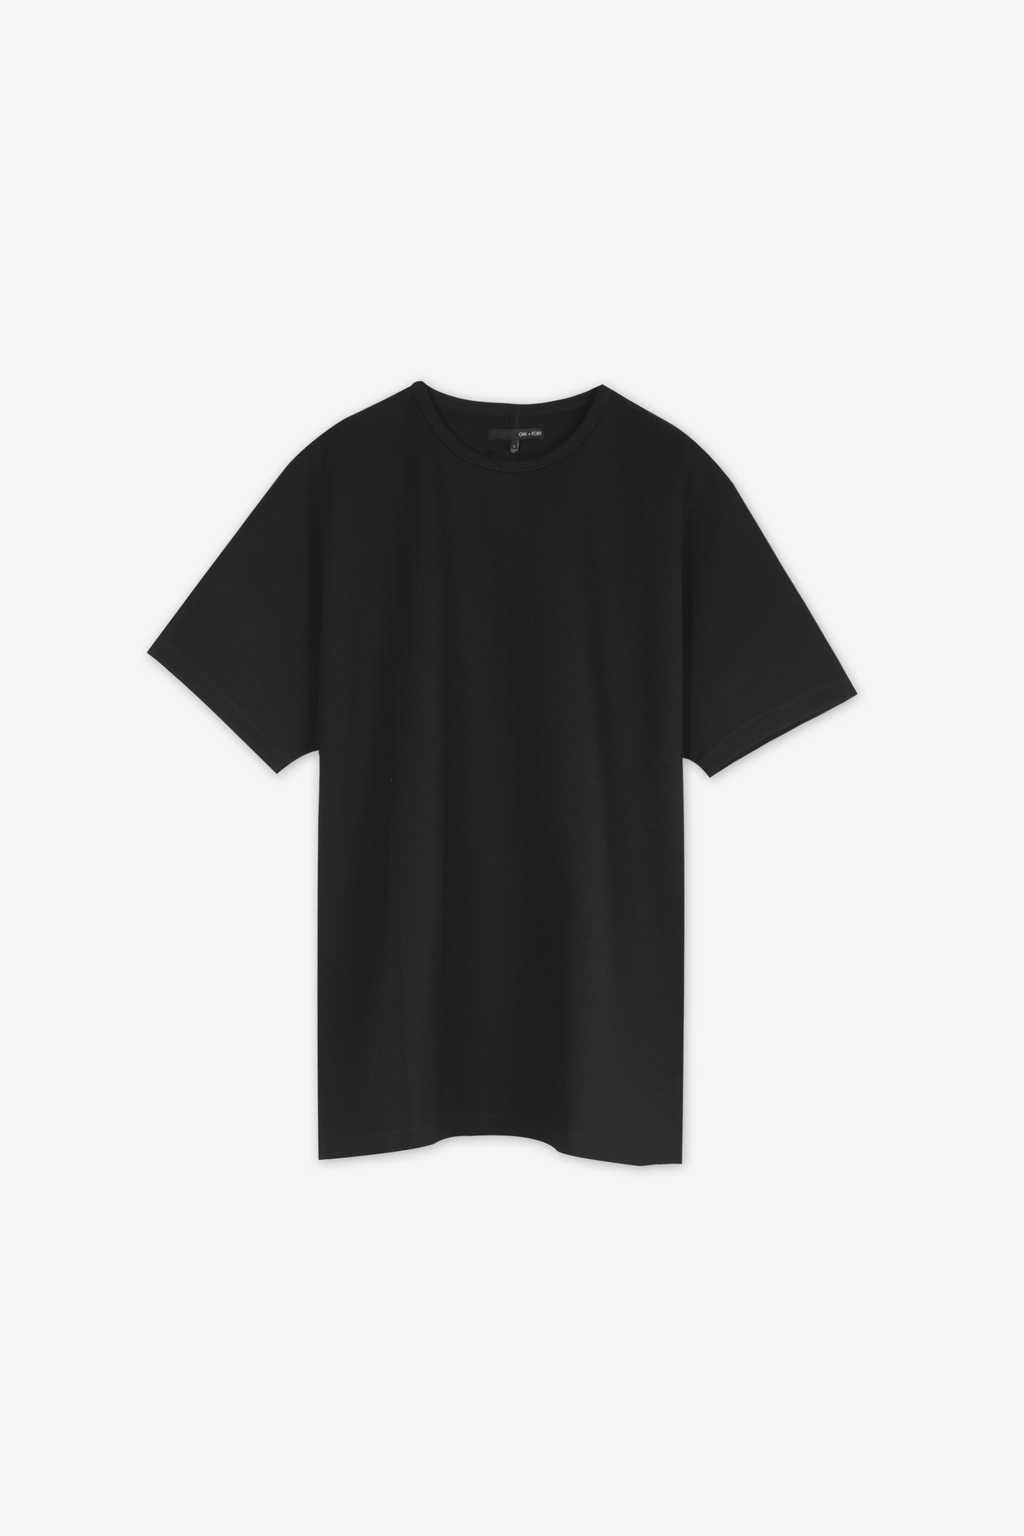 T Shirt 1204 Black 3